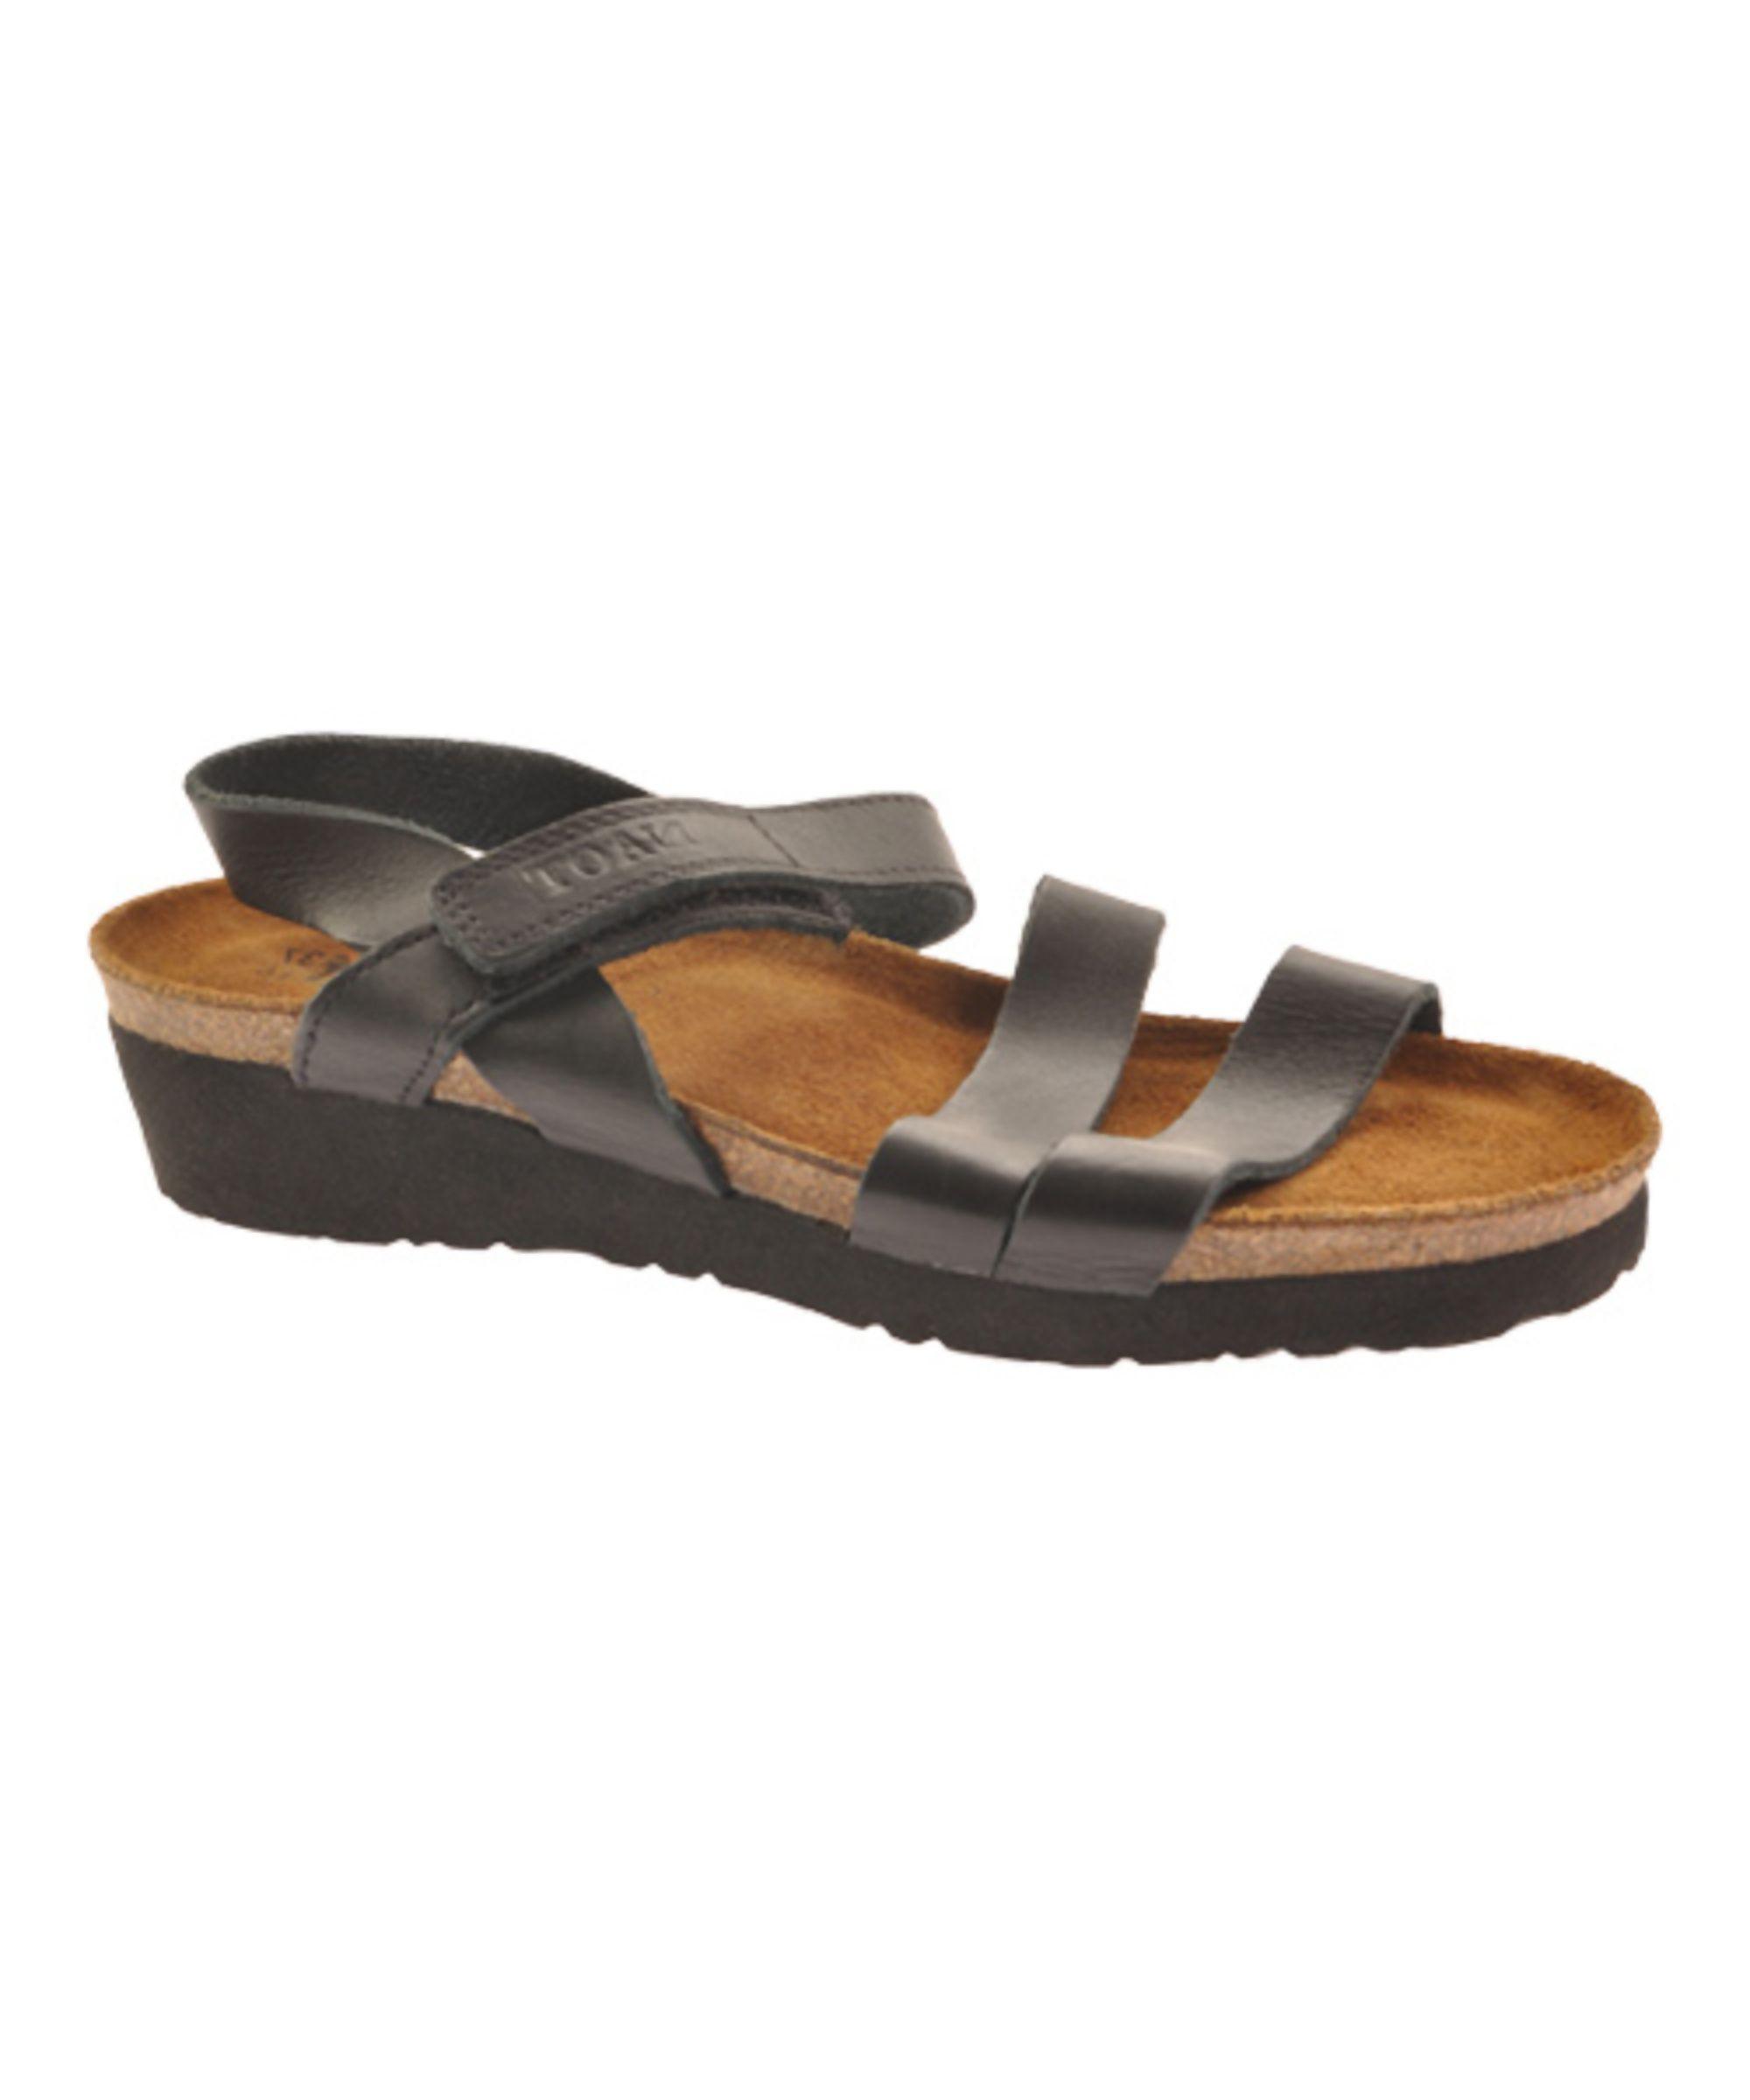 NAOT | Naot Women's Kayla Sandal #Shoes #Sandals #NAOT